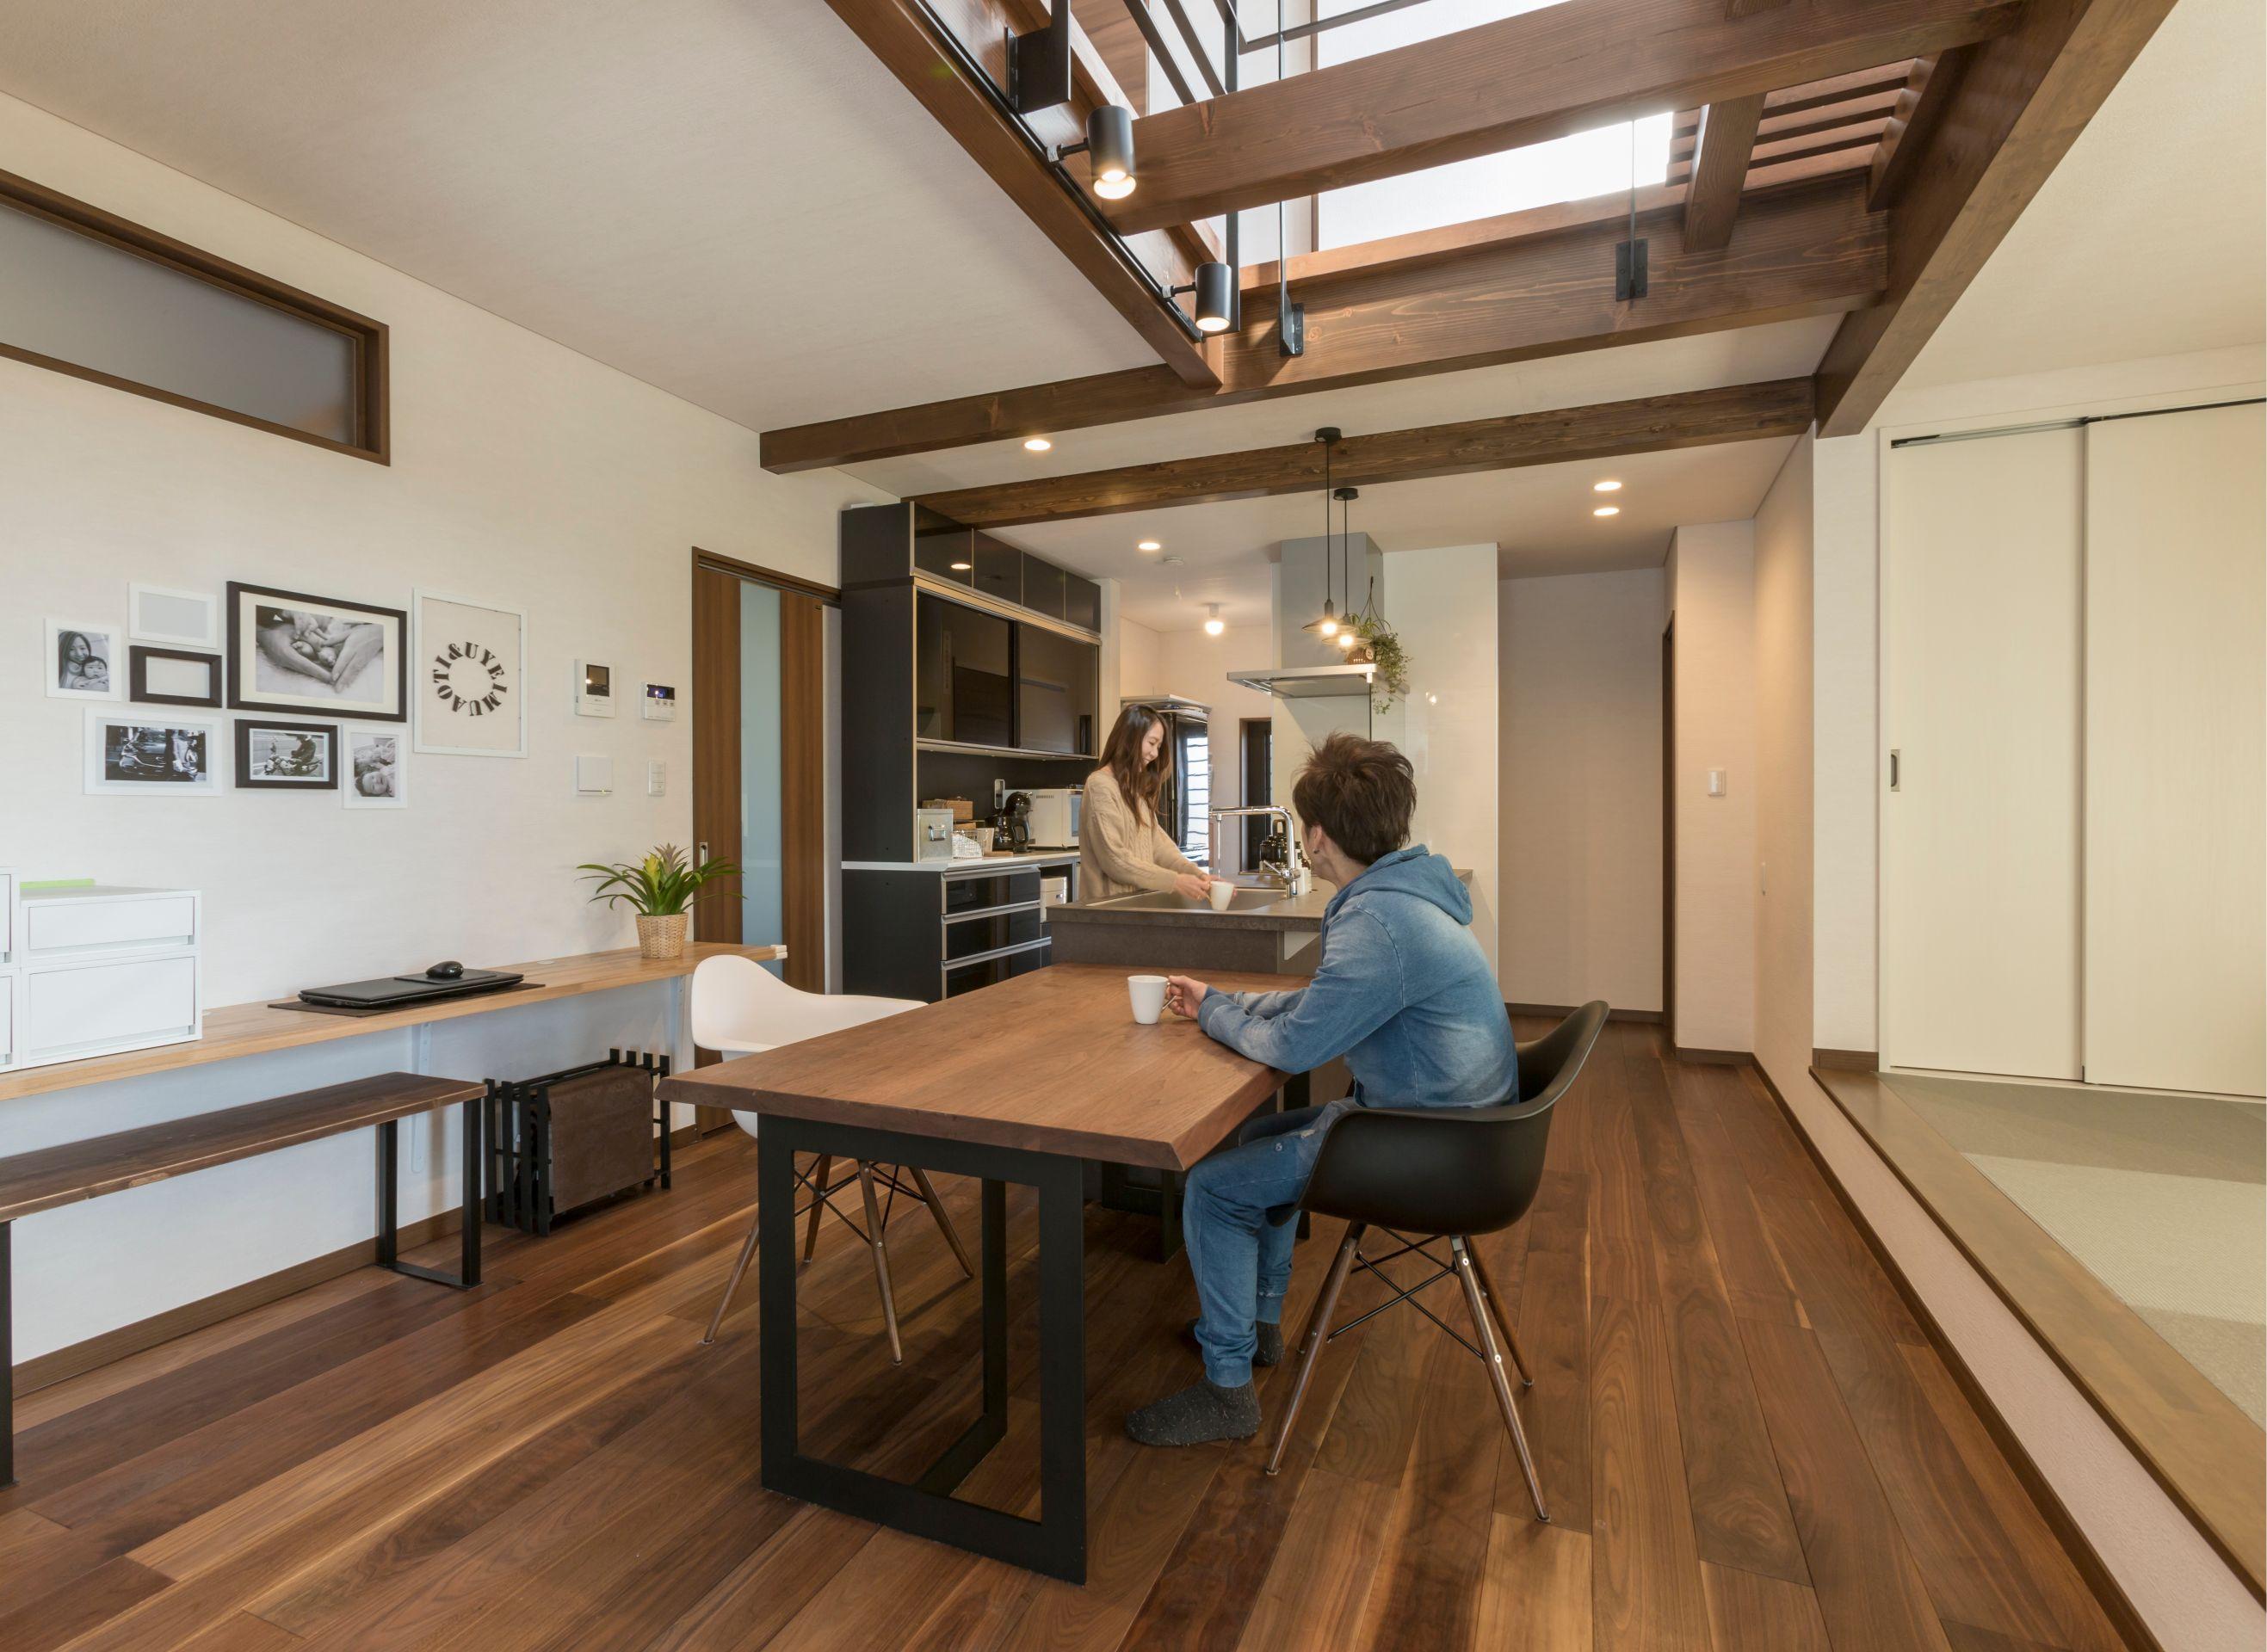 丸洋建設 ハウスオブハウス【趣味、間取り、ガレージ】和室の連なる大空間のLDK